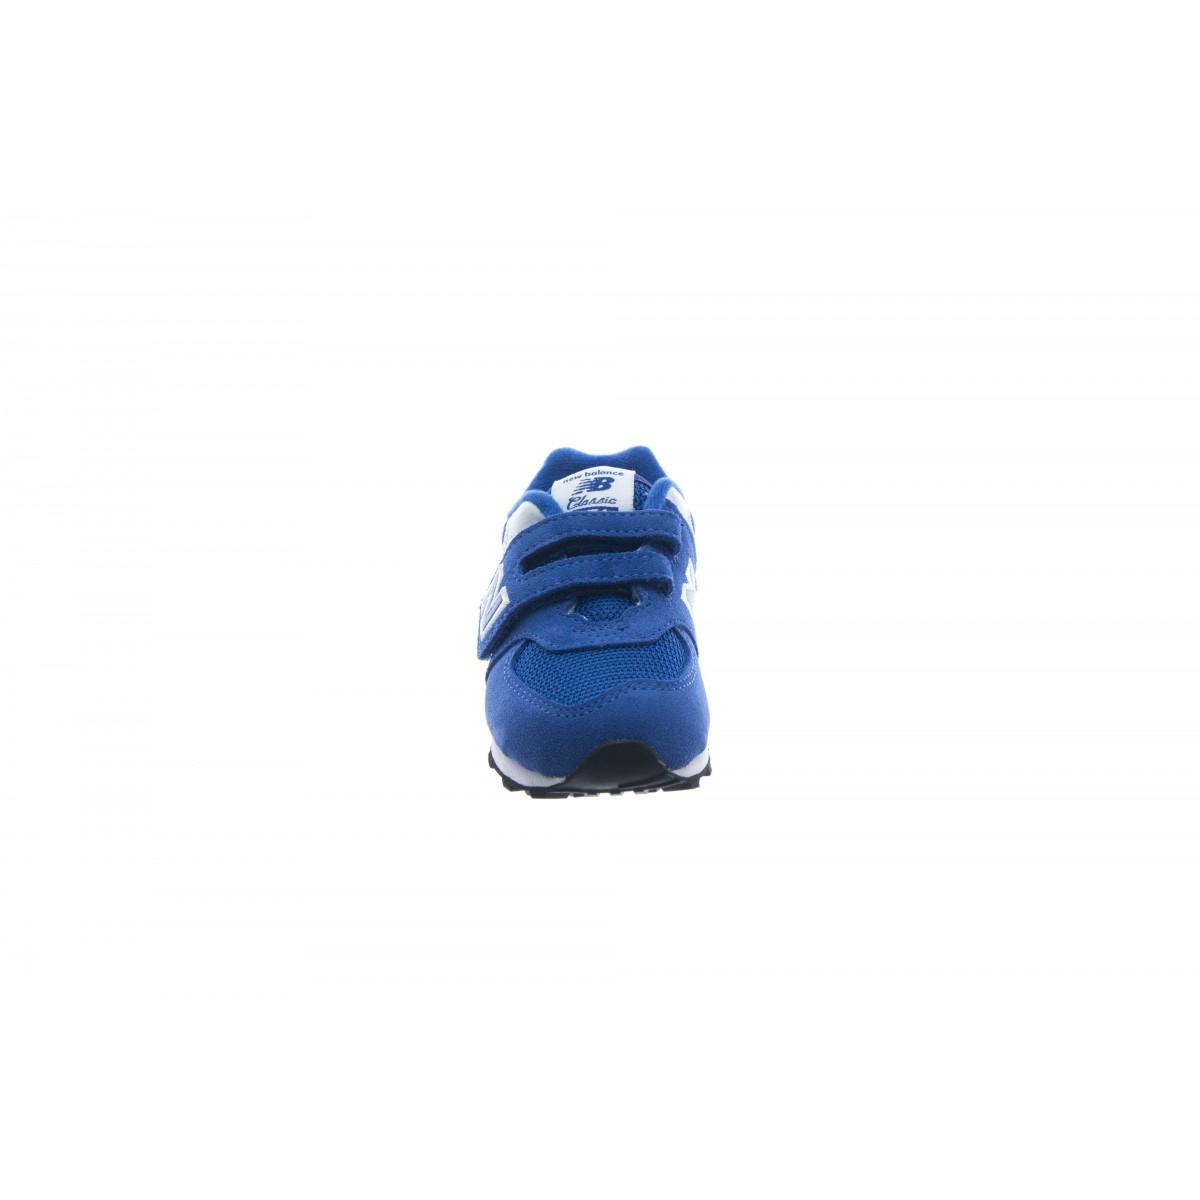 Scarpa - Iv574 infant bambino